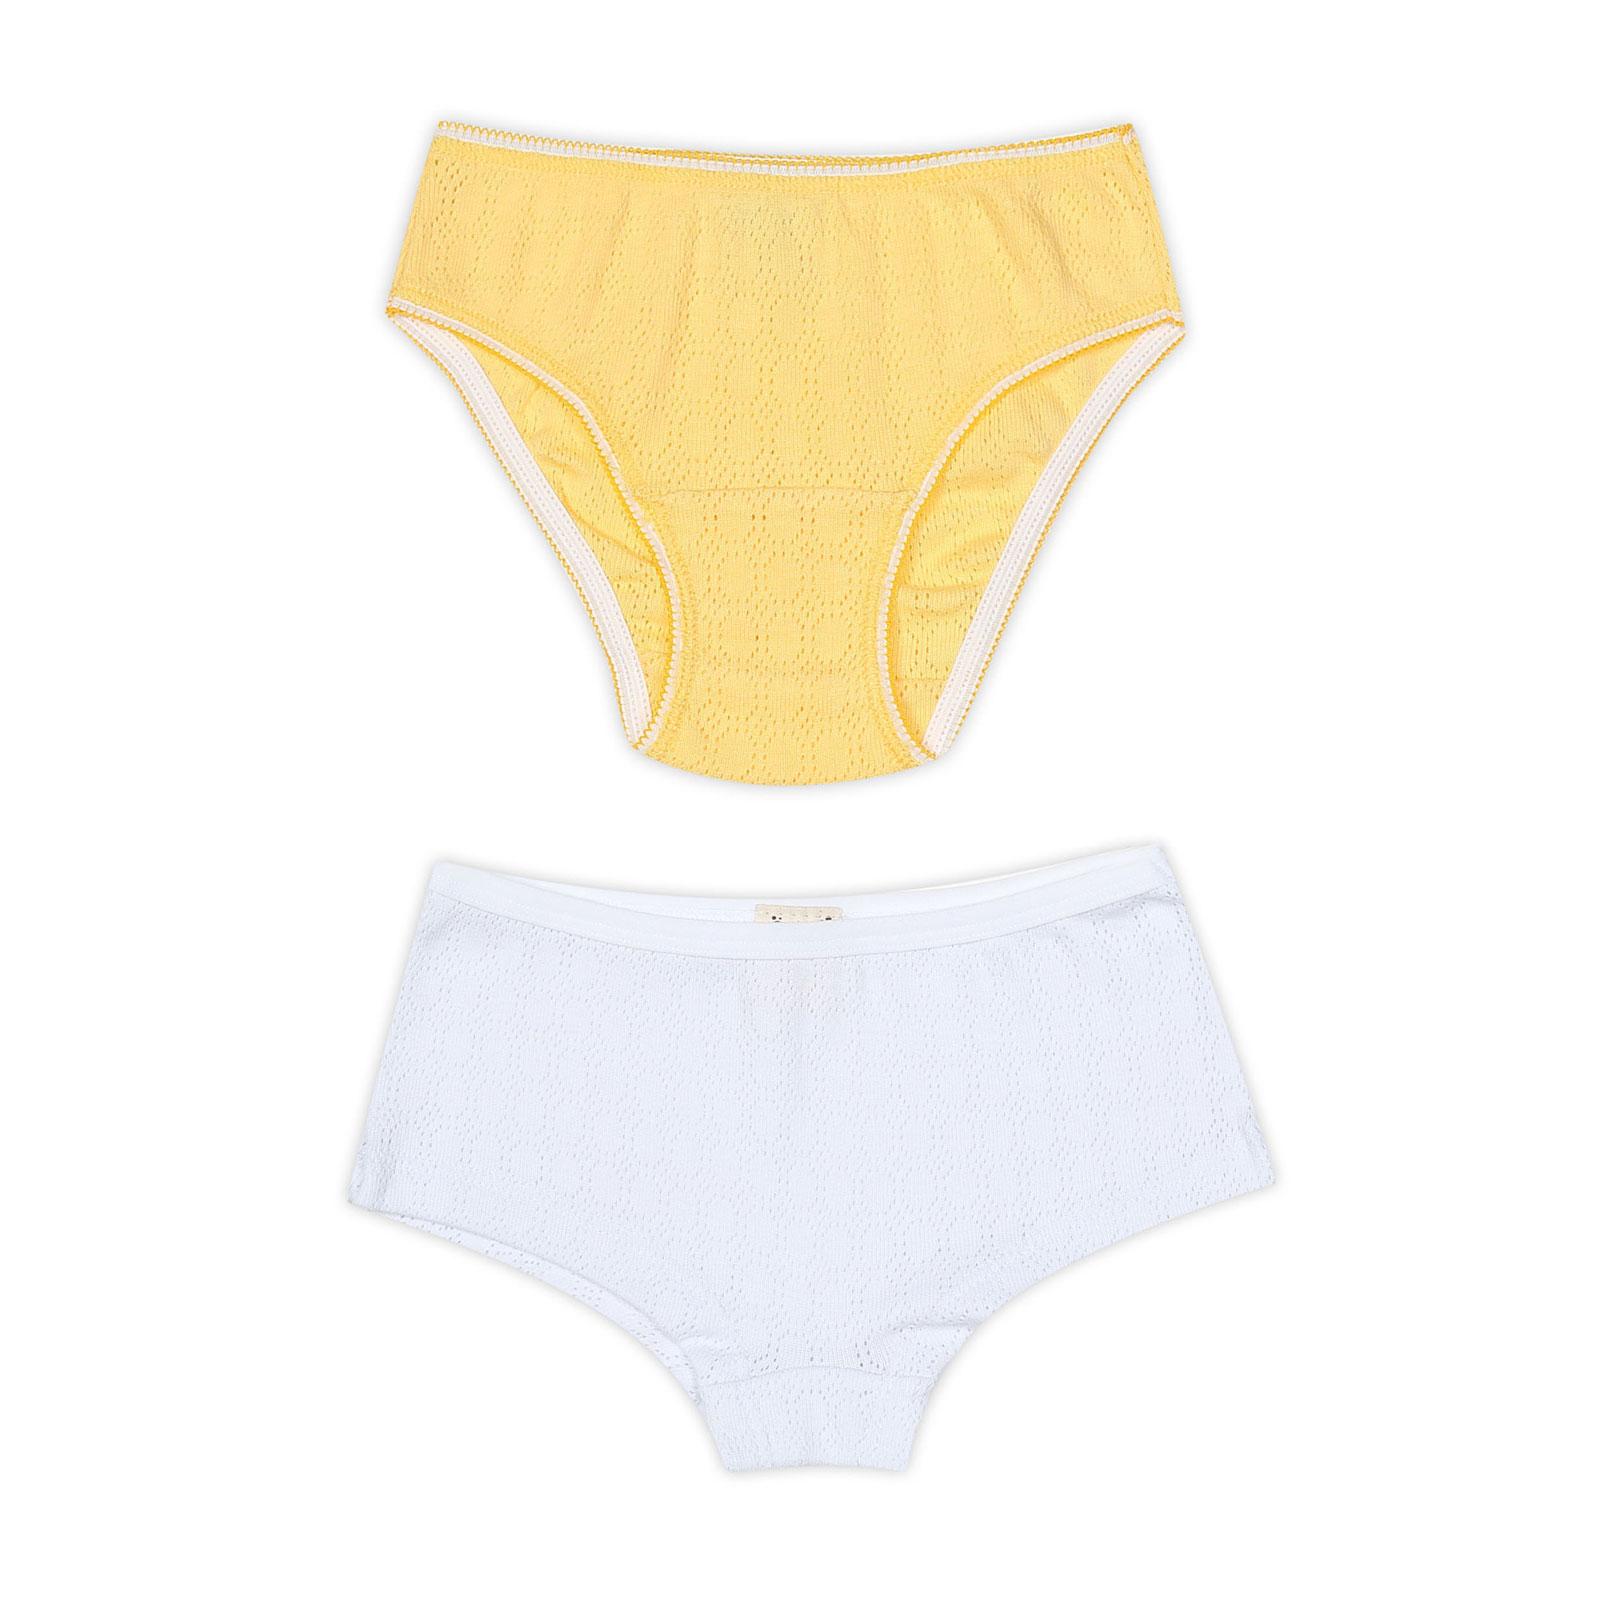 Комплект Ёмаё трусиков (34-102) рост 98 белый с желтым (2шт)<br>